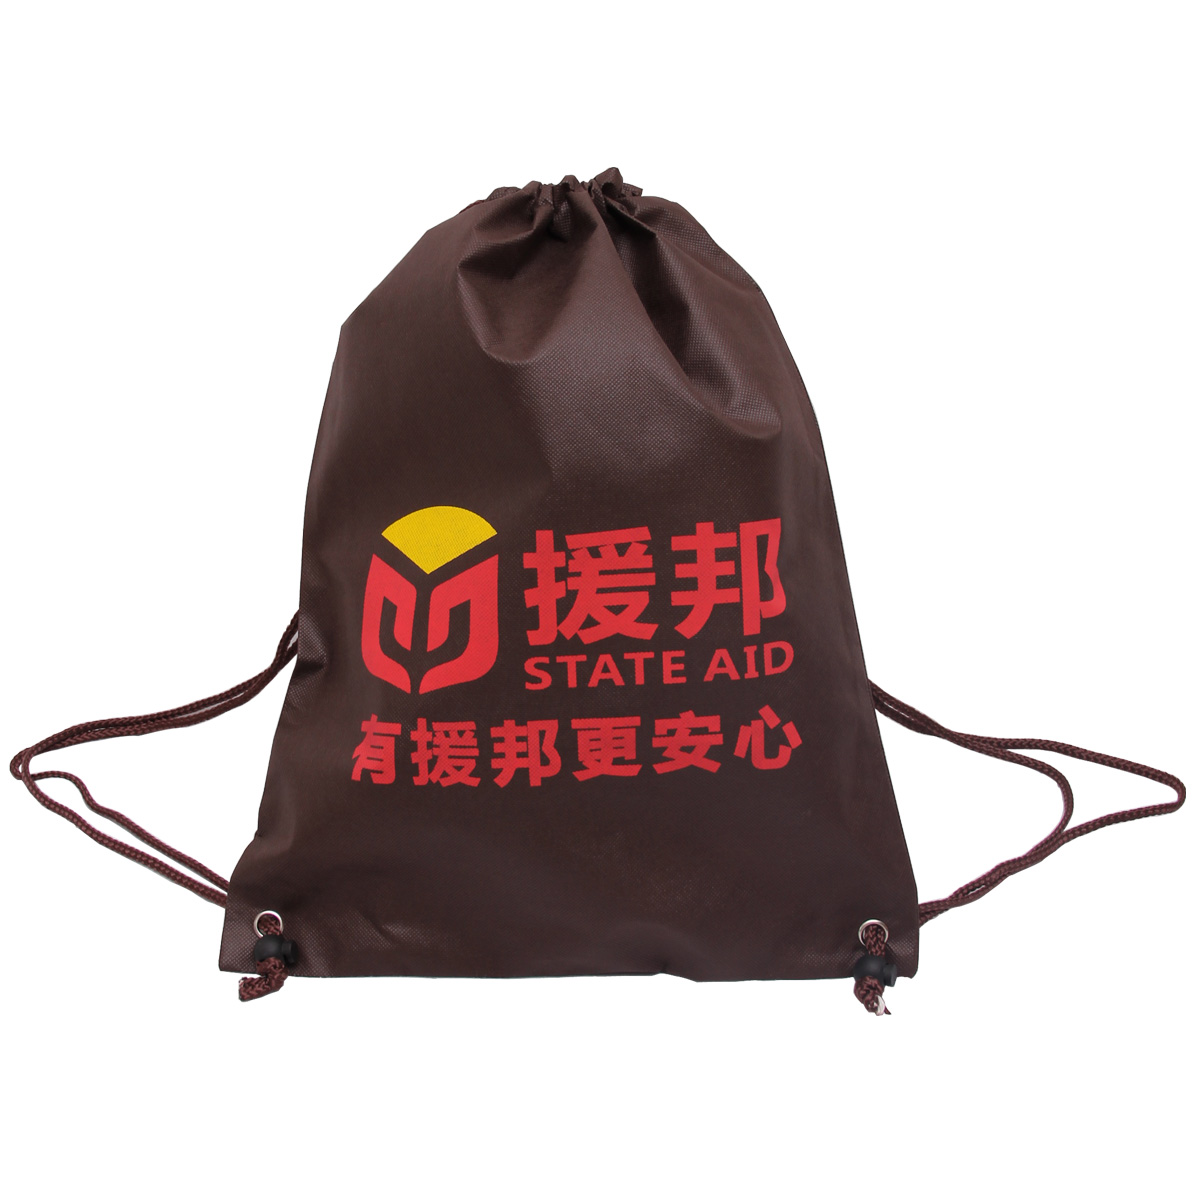 Помощь государственный подъем рок веревка пакет подъем рок оборудование восхождение веревка подъем рок инструмент шнурок рюкзак мешок шнурок мешок узкая гавань чистый черный мешок